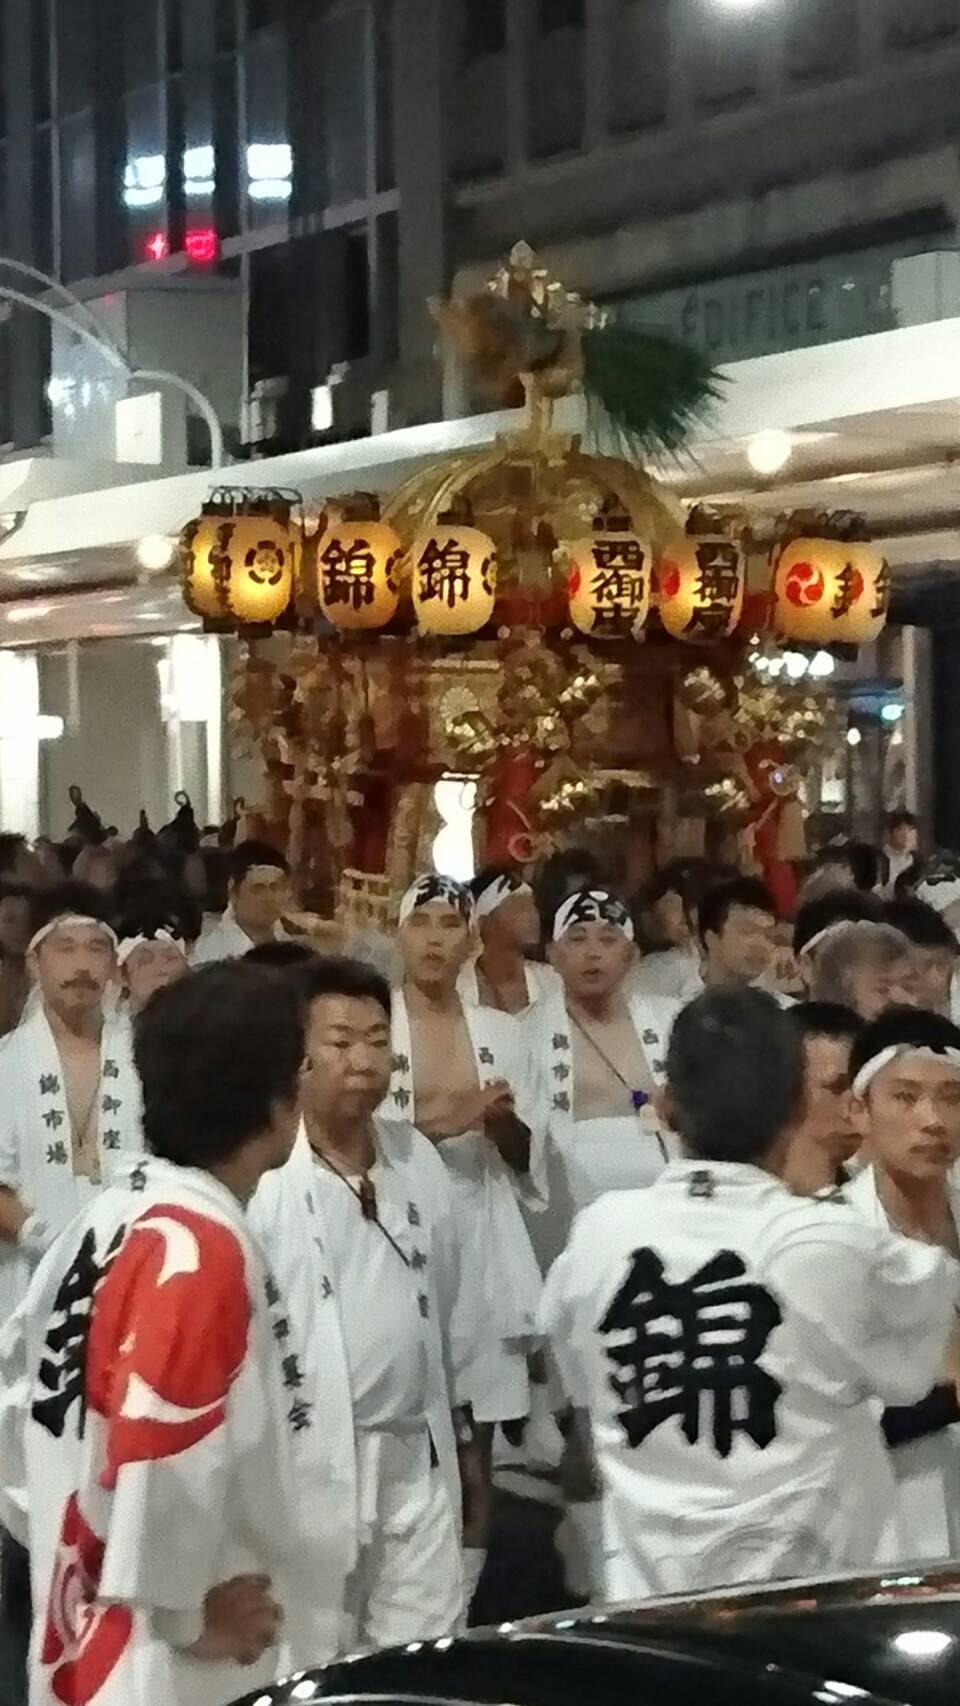 祇園祭り。まだまだ続きます_a0116350_15314435.jpeg